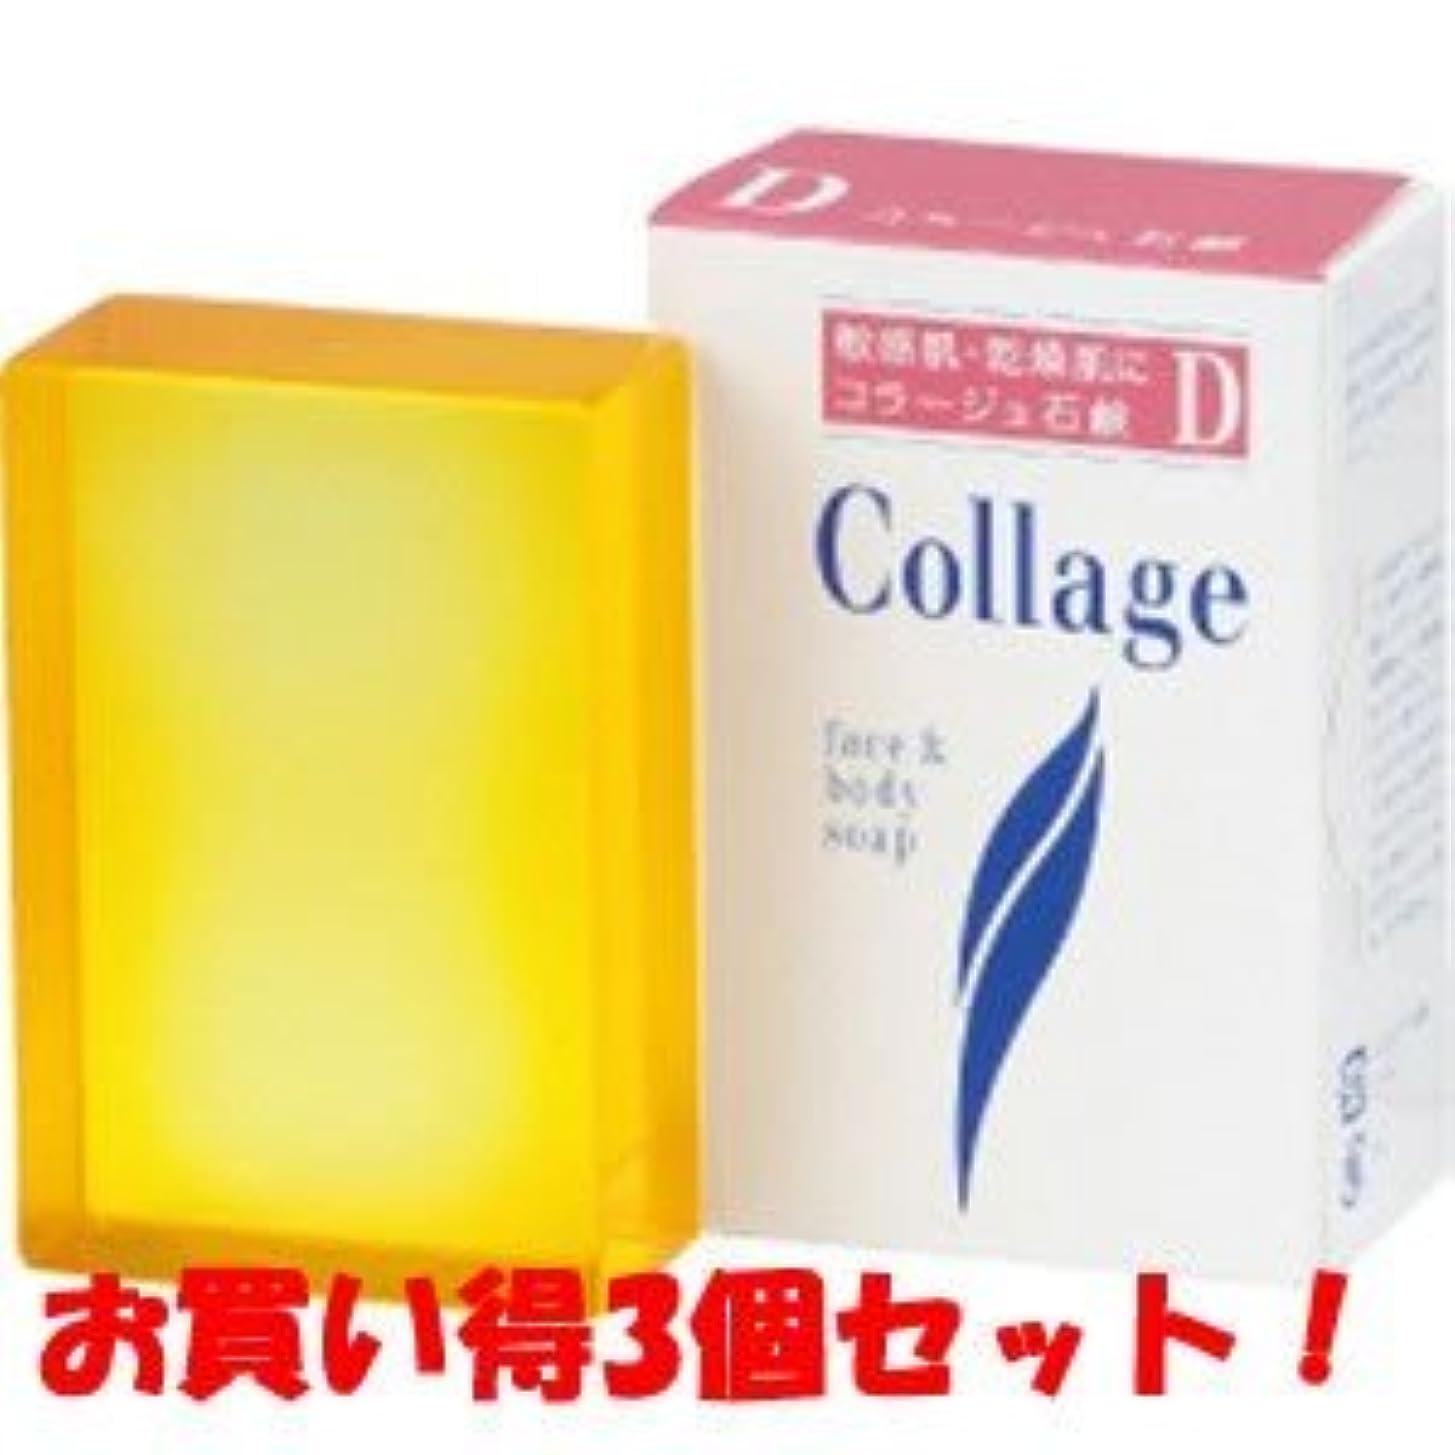 取り囲むファーム箱(持田ヘルスケア)コラージュD乾性肌用石鹸 100g(お買い得3個セット)